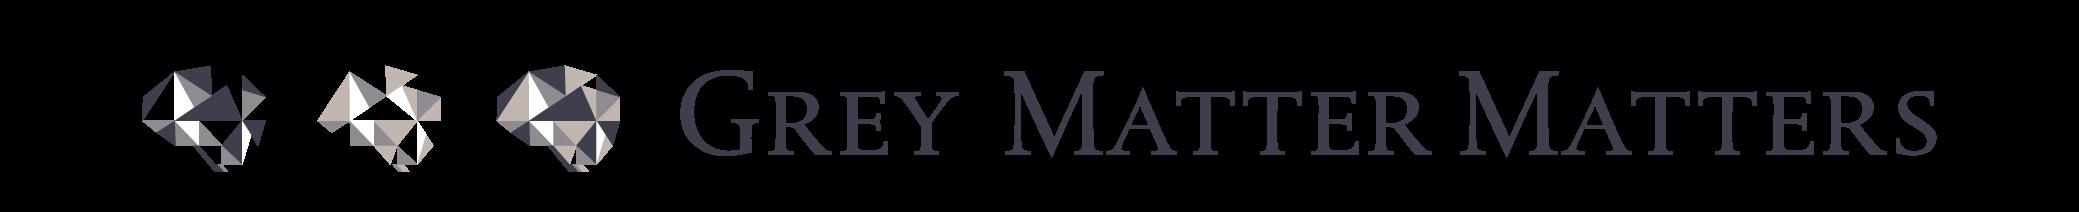 Grey Matter Matters